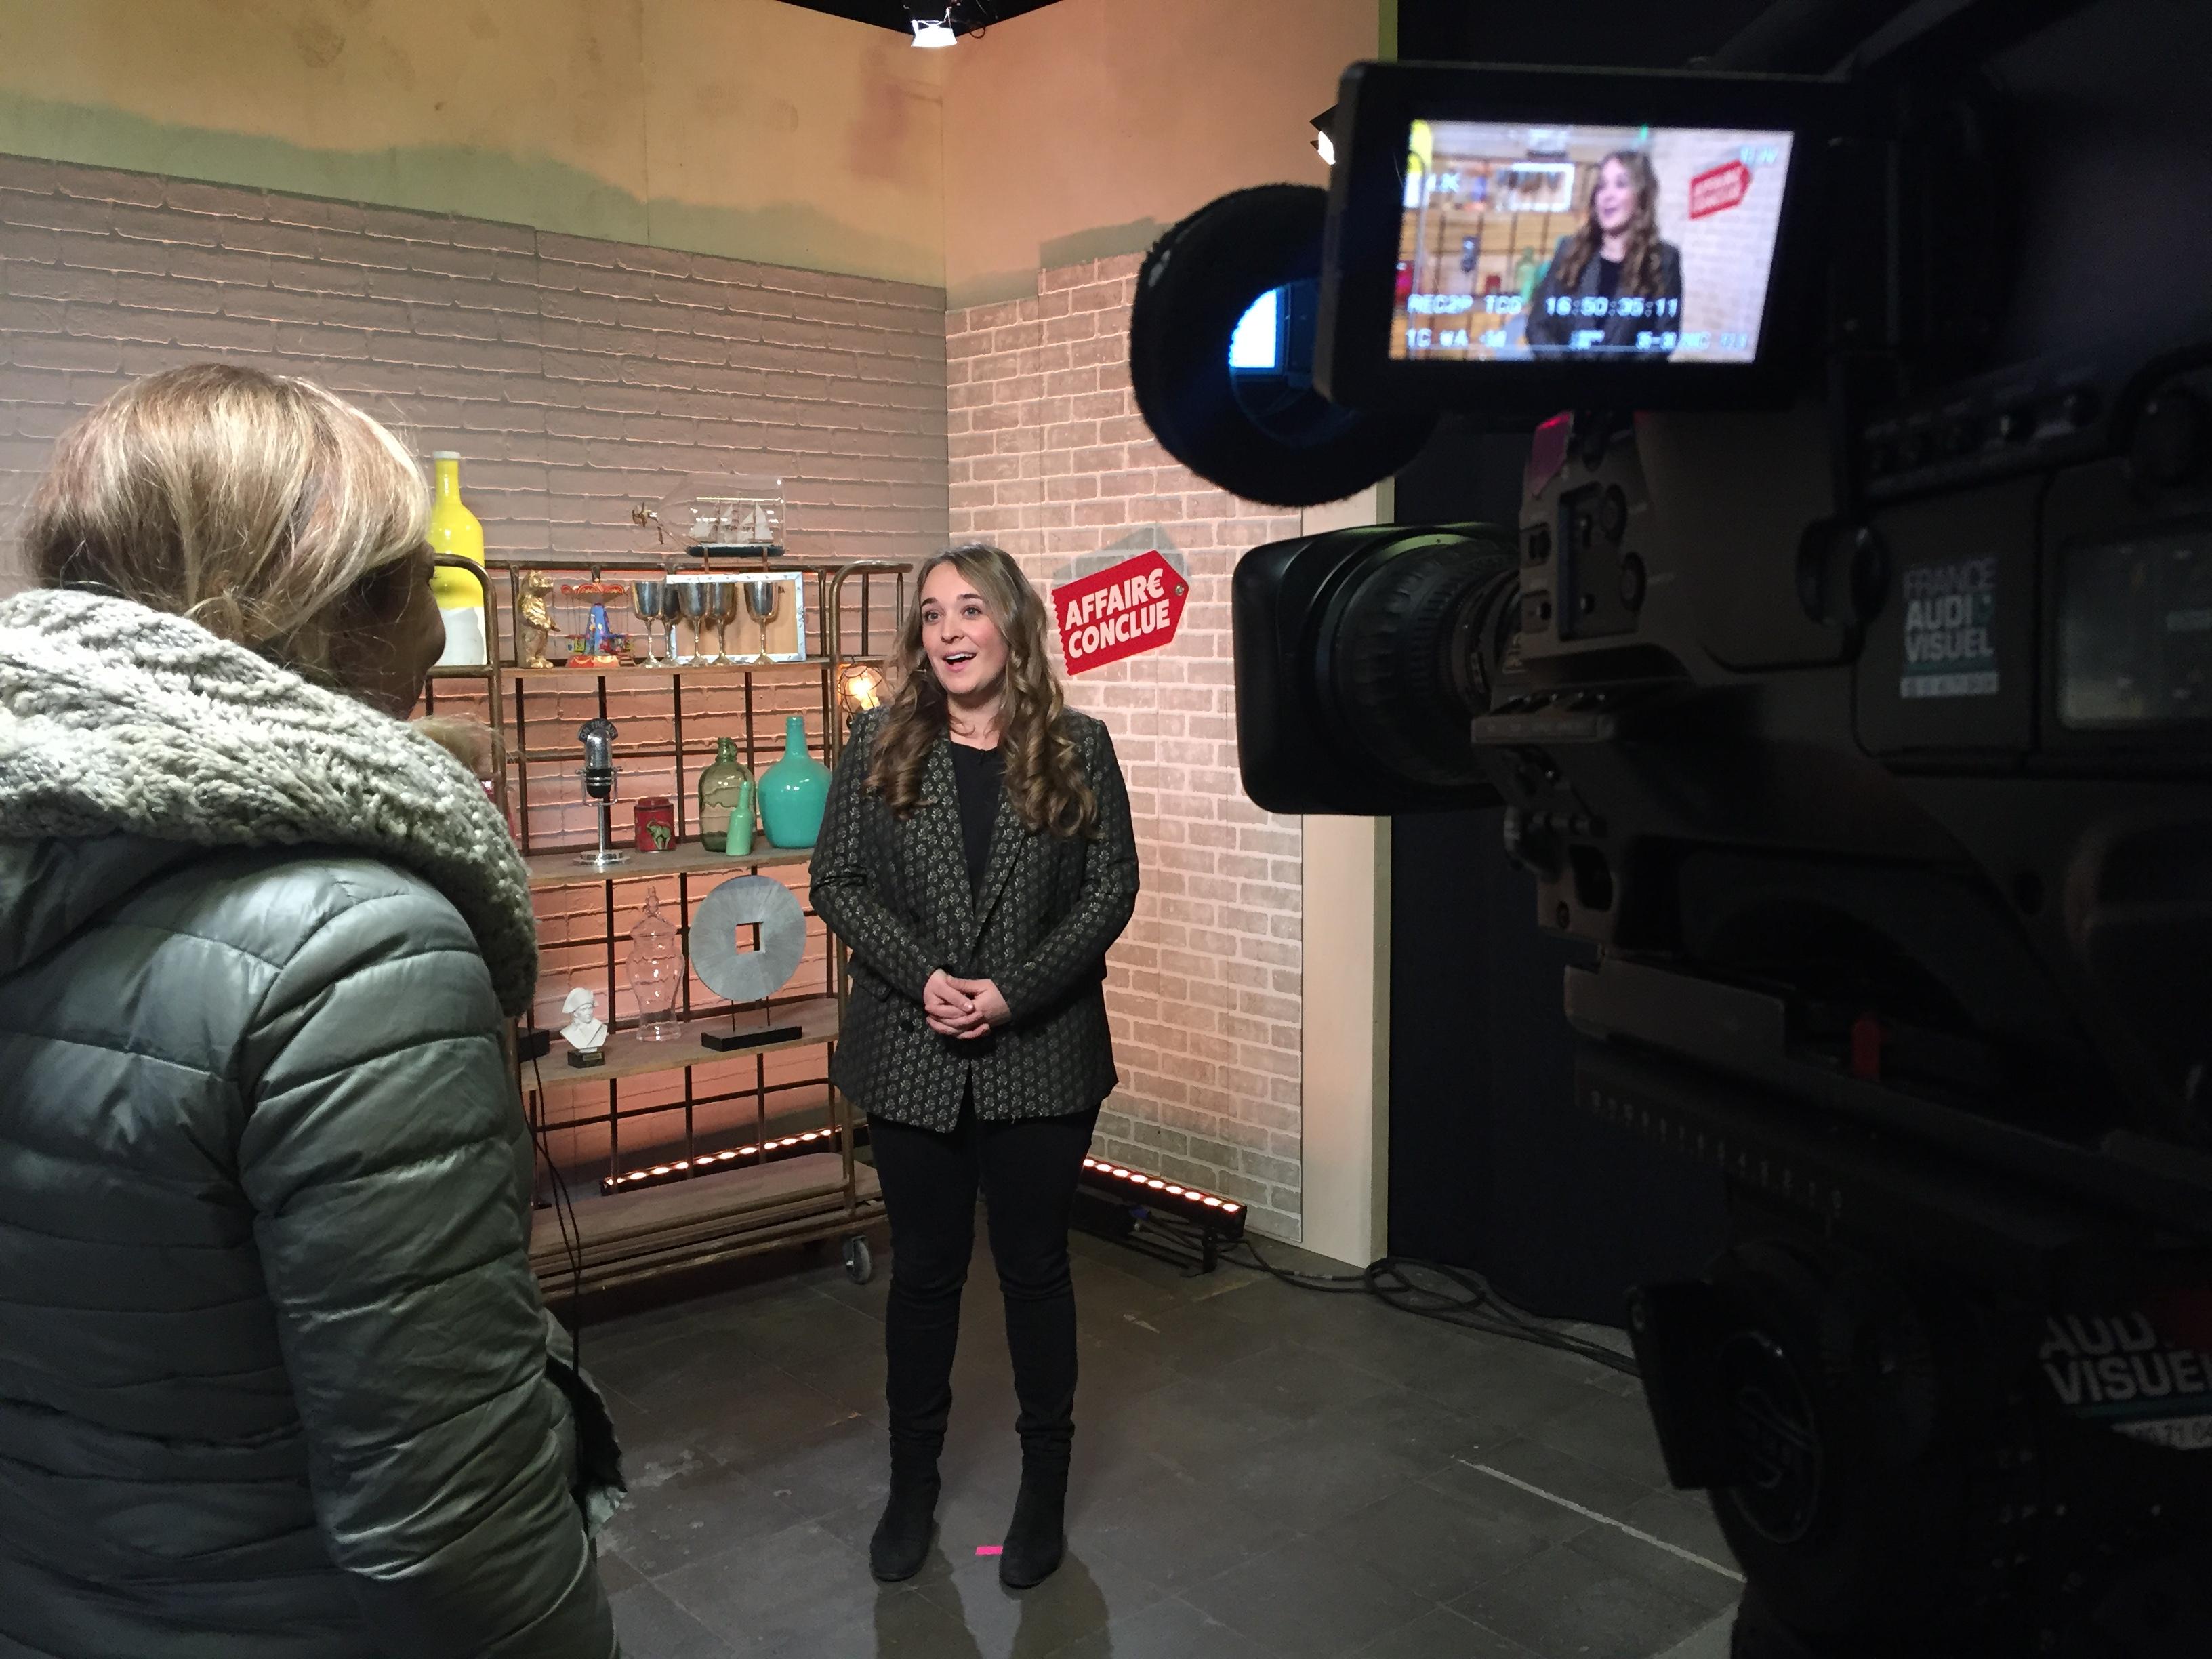 tournage Affaire Conclue Camille In Bordeaux